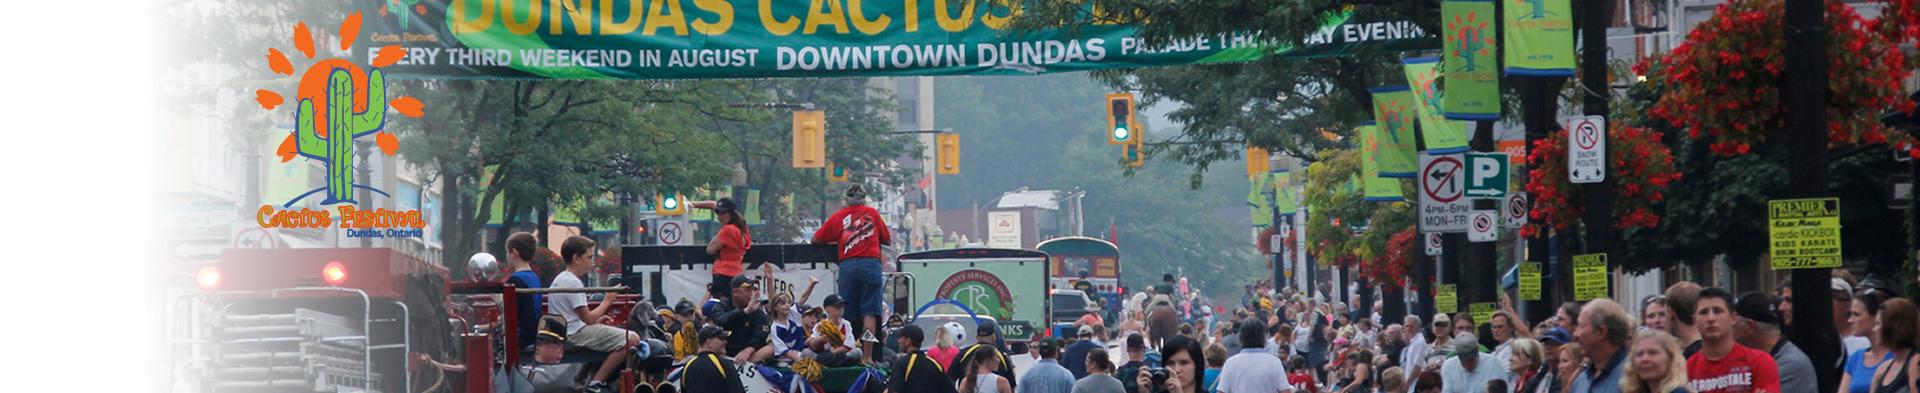 dundas-cactus-festival-2015